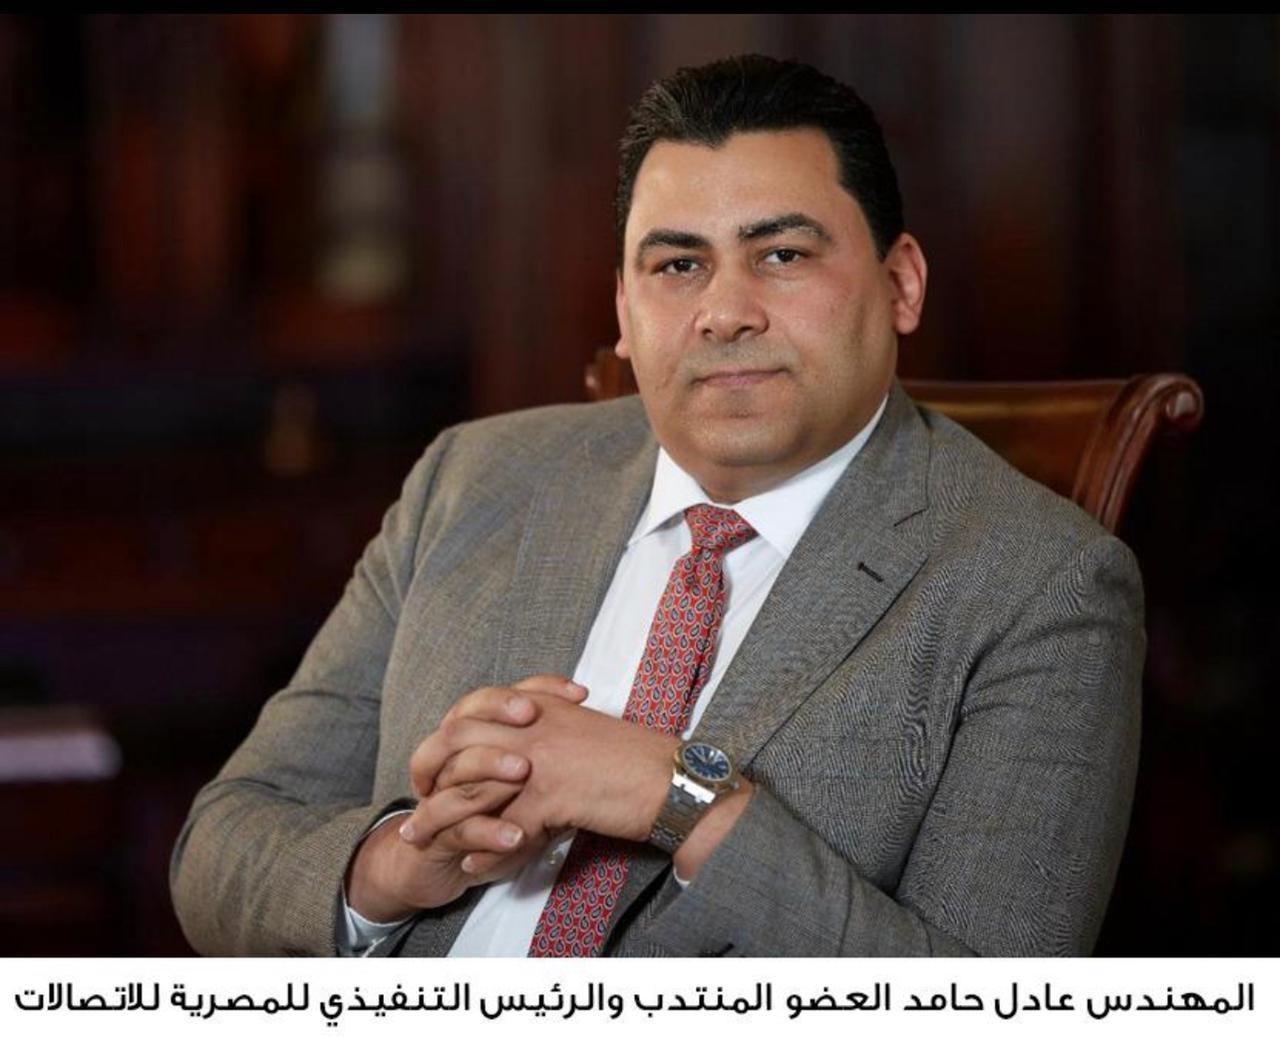 المصرية للاتصالات تطلق خدمة